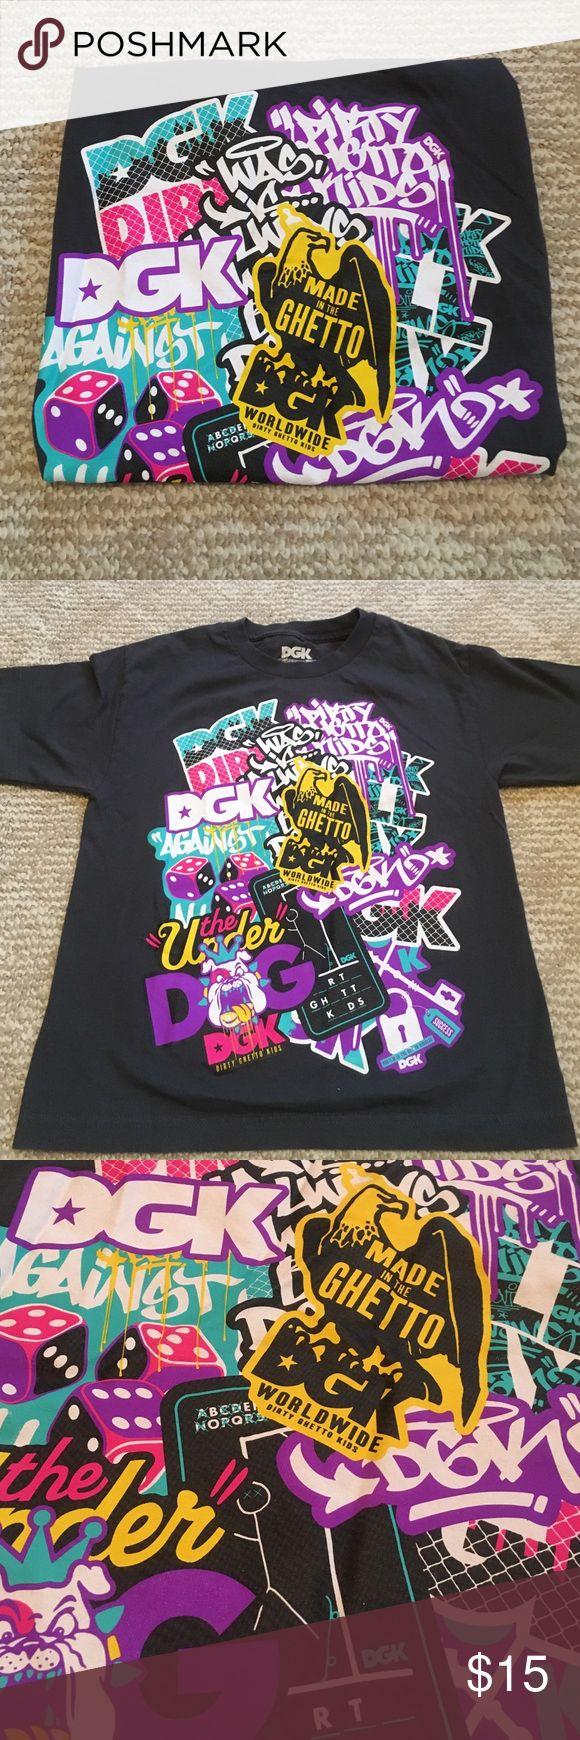 Design t shirt rollerblade - Dgk Graffiti Tee